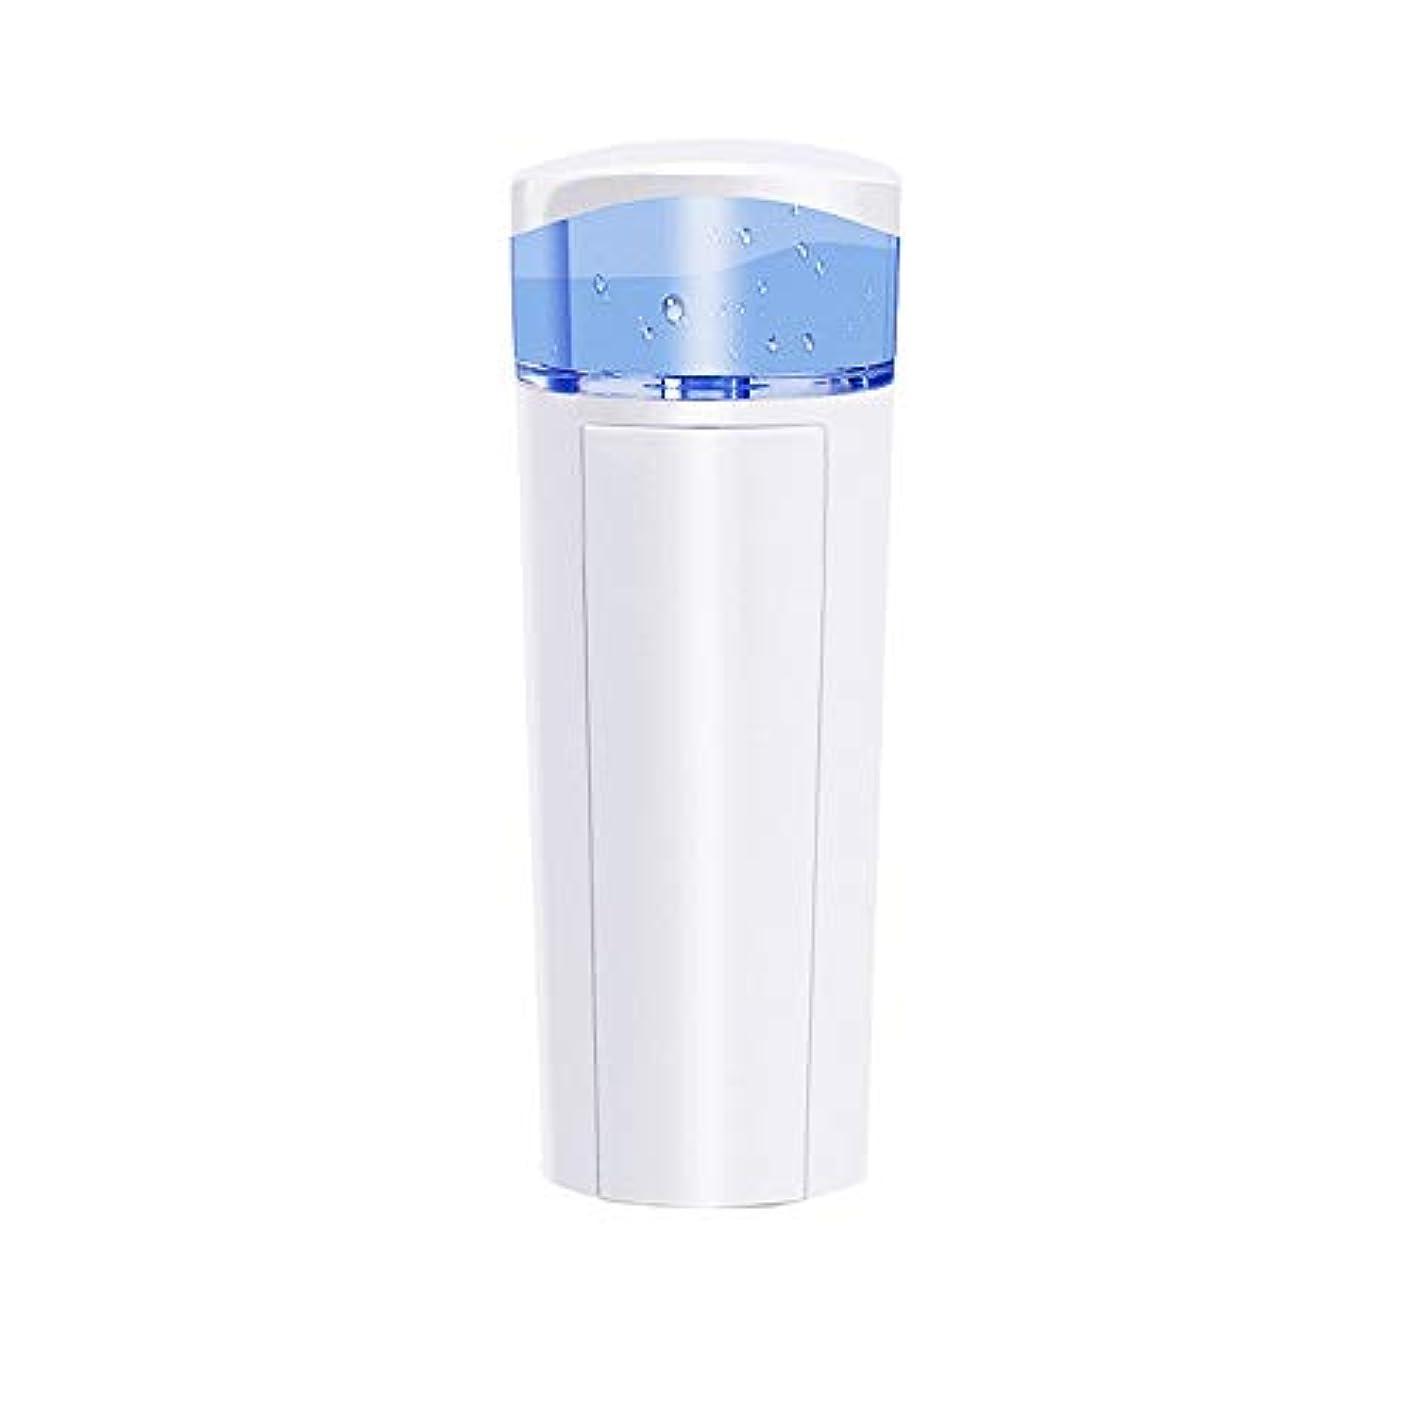 回転する境界ブラインドZXF 充電宝物機能付き新しいナノ水道メータースプレー美容機器ABS素材ホワイト 滑らかである